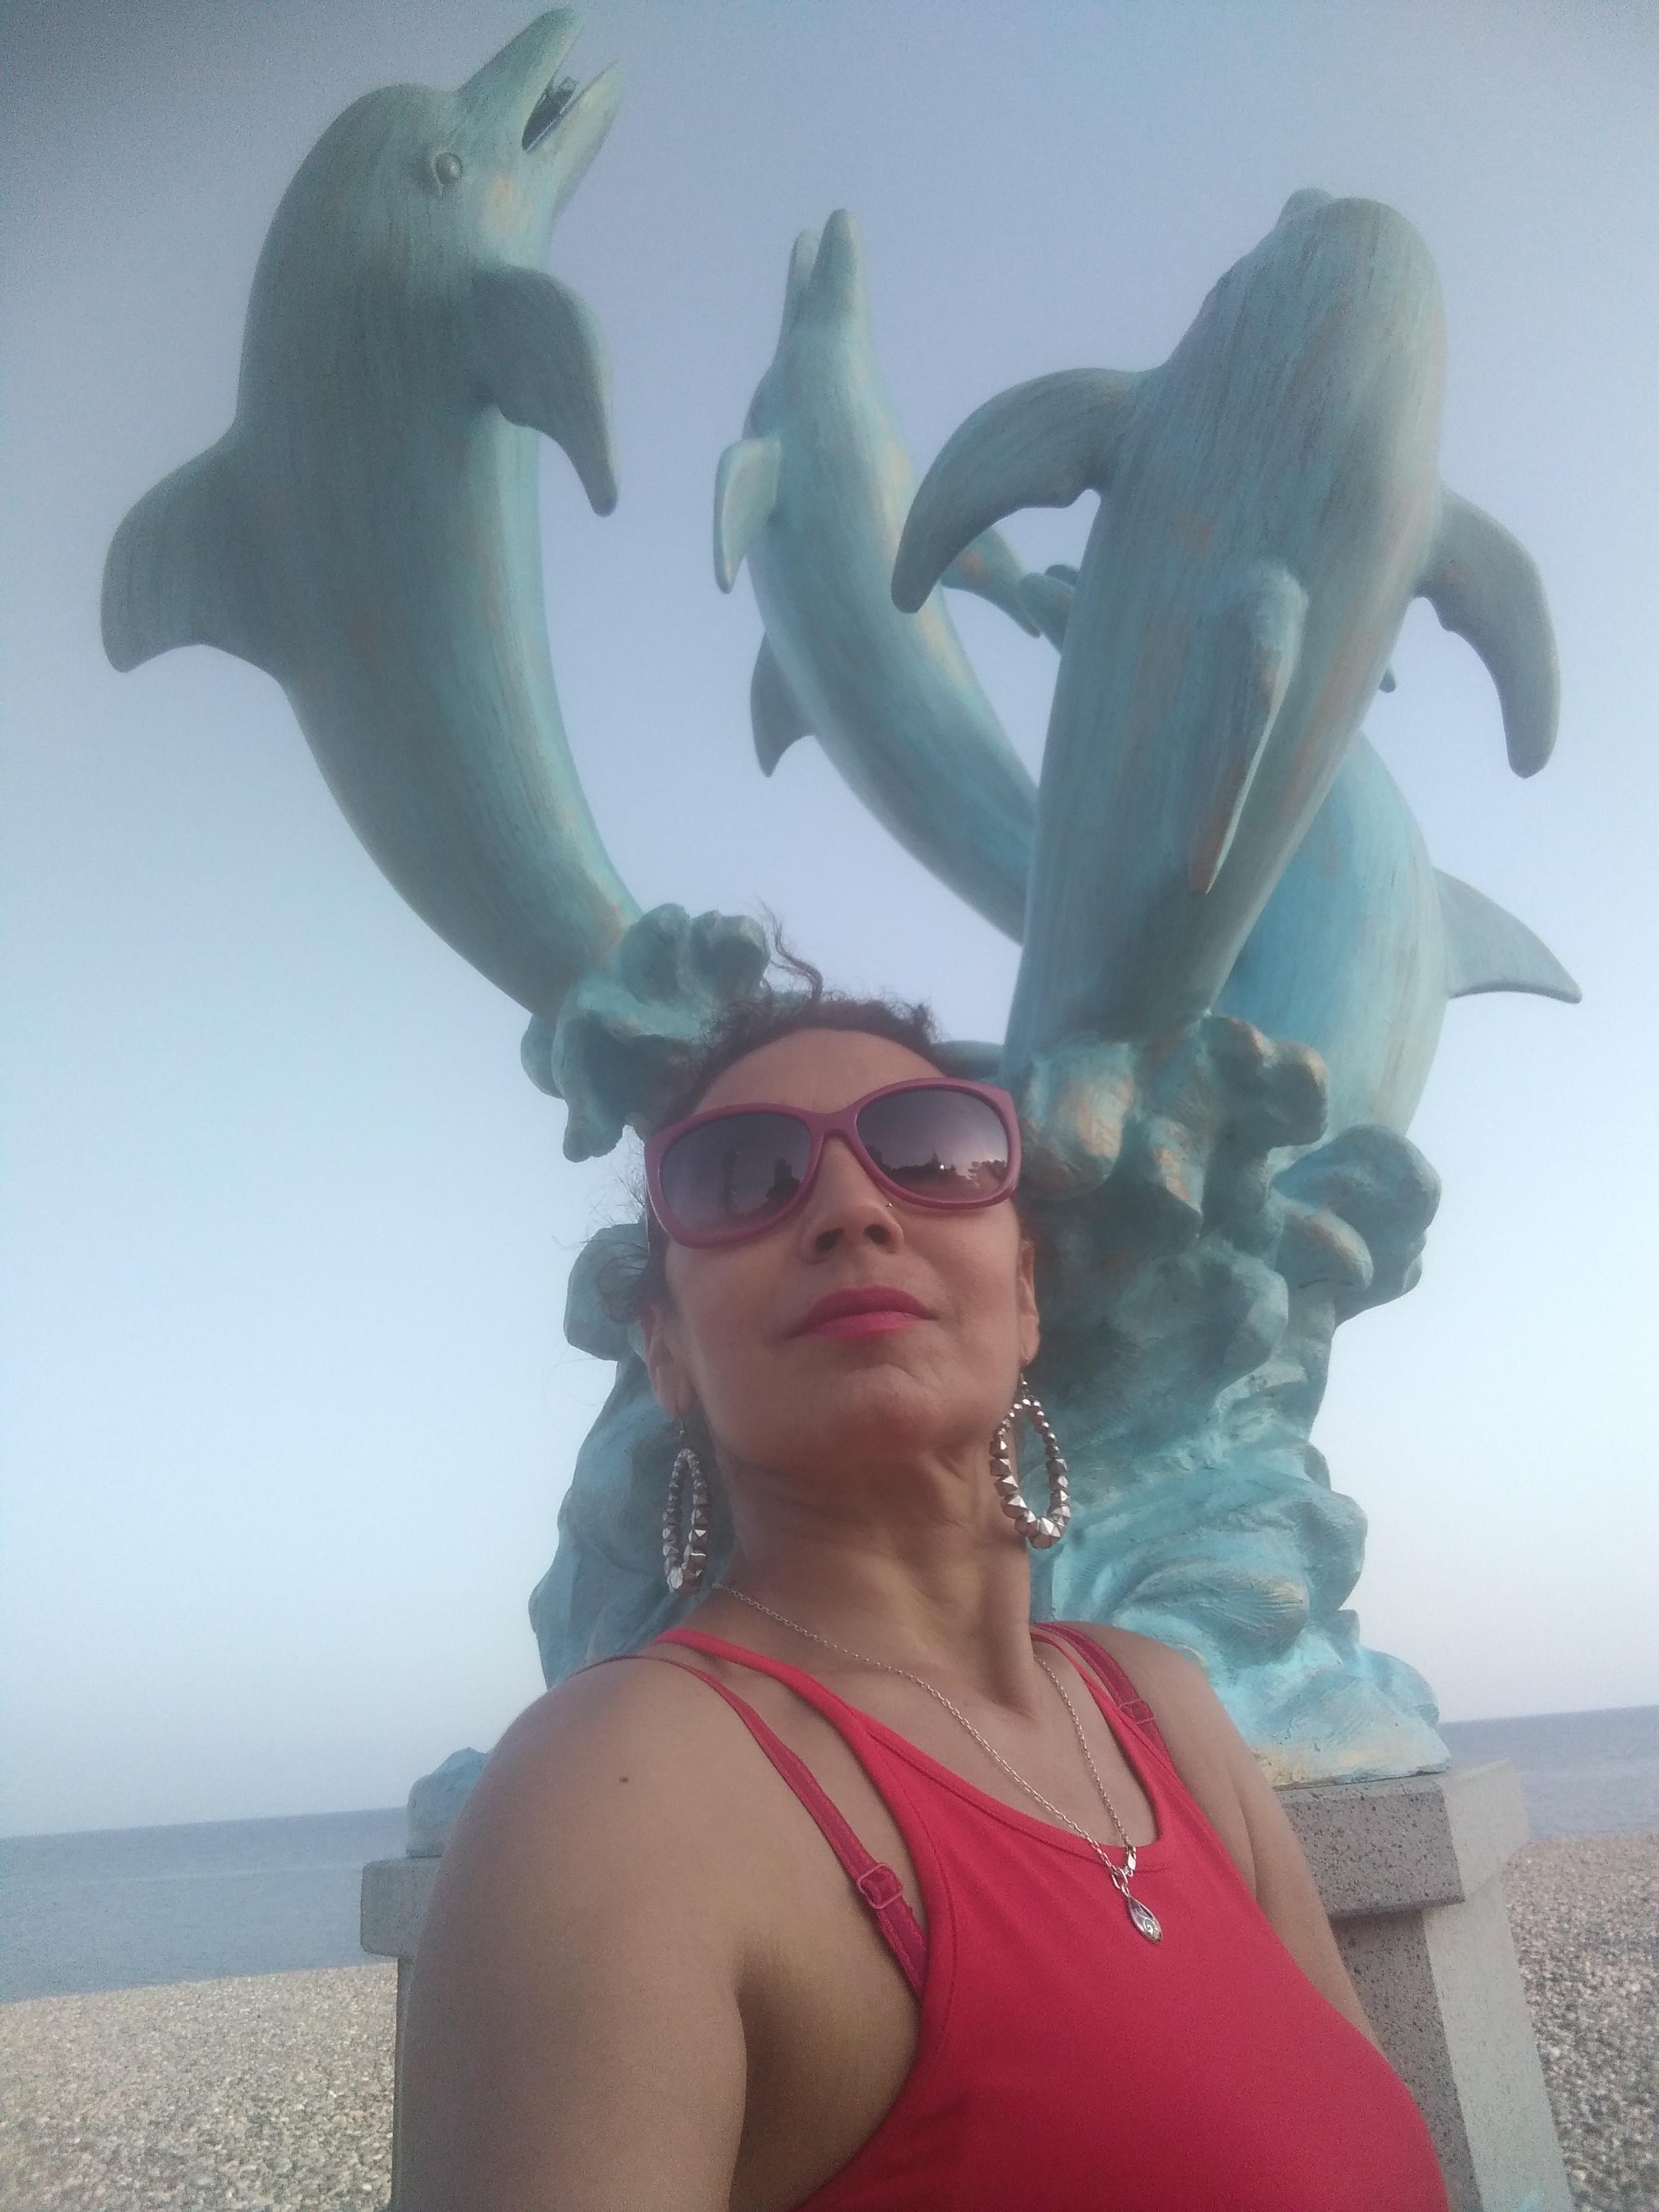 Tour guide Galina zazadze